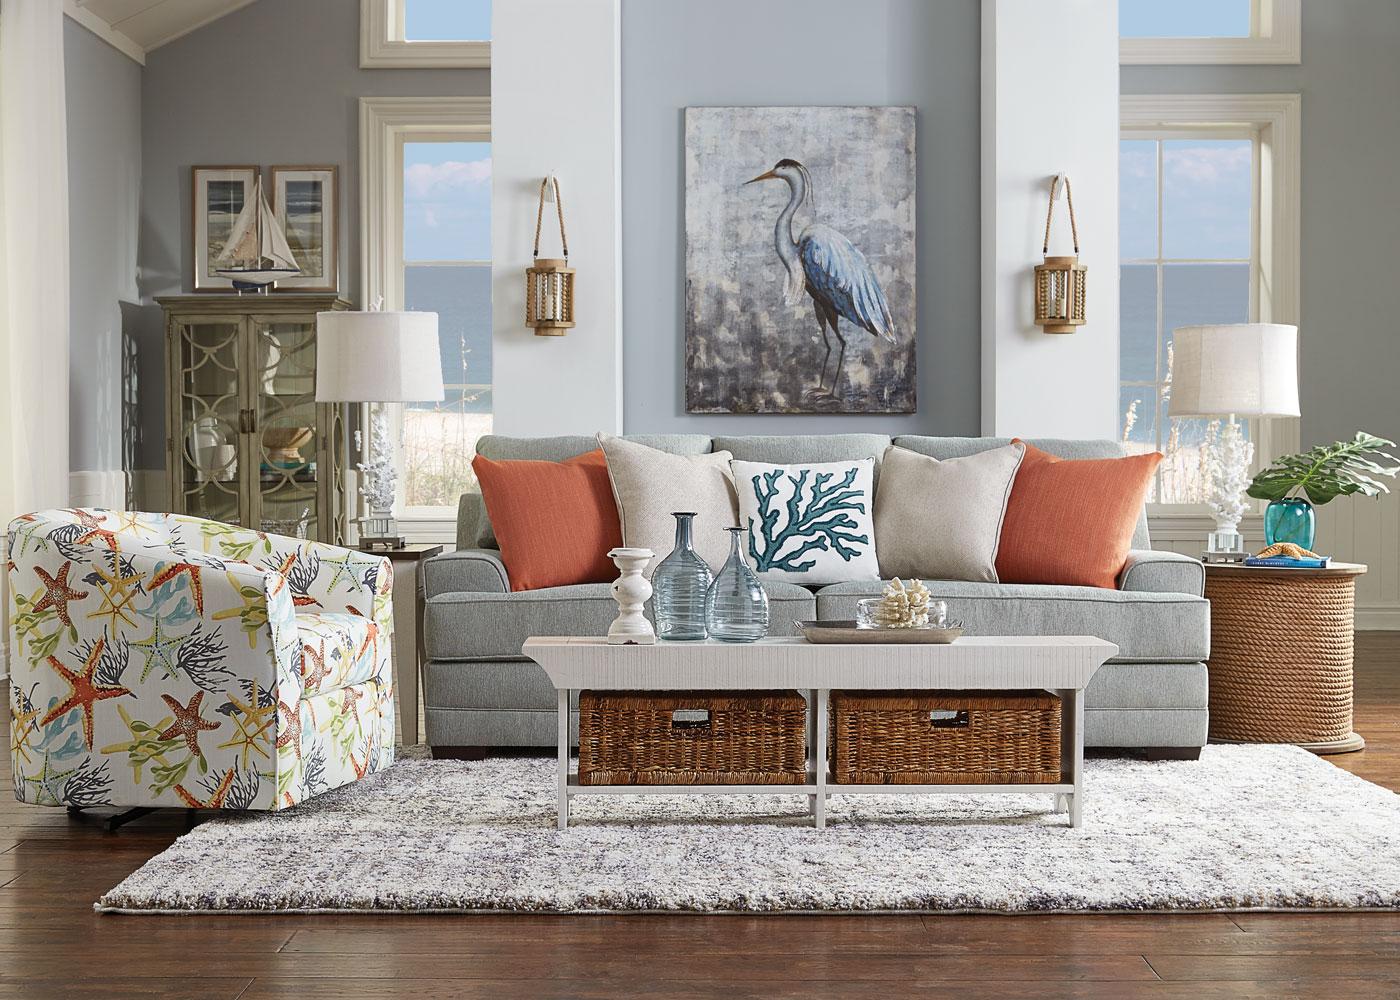 Badcock Home Furniture &more - Winston-Salem, NC 27127 - (336)790-1602 | ShowMeLocal.com